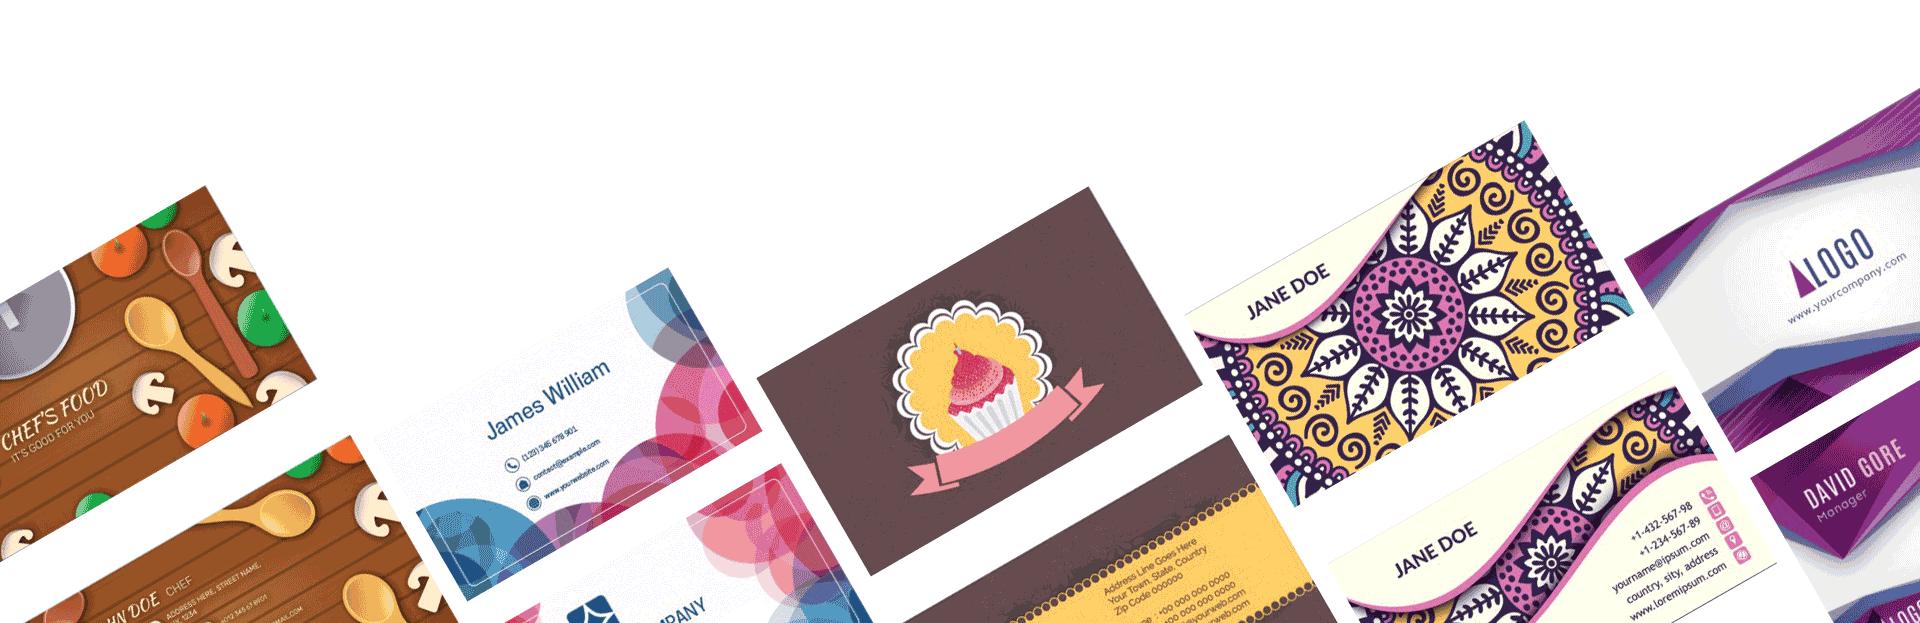 طراحی کارت ویزیت |چاپ کارت ویزیت – کارت ویزیت آنلاین – طراحی حرفه ای کارت مشاغل